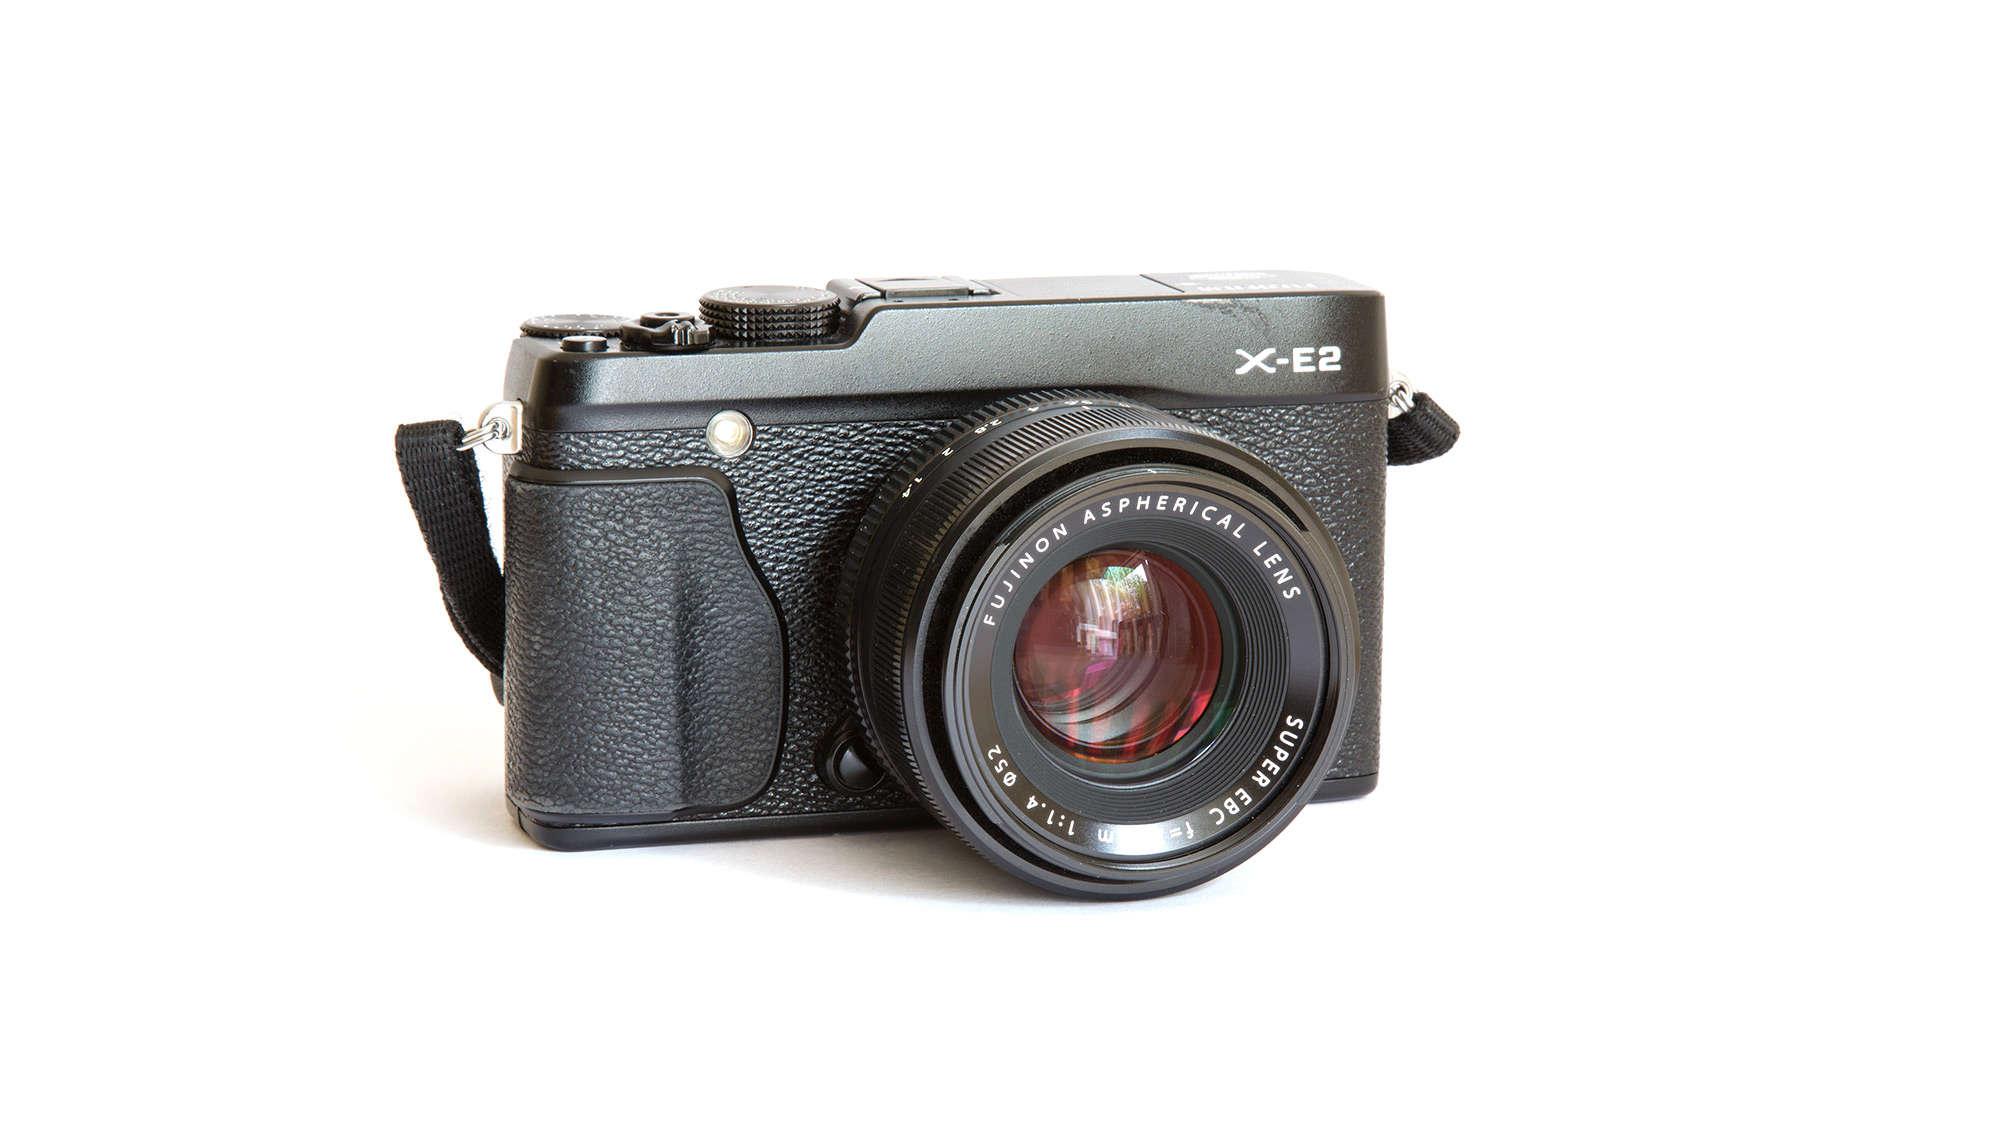 Fuji XE-2 Digital CSC camera body